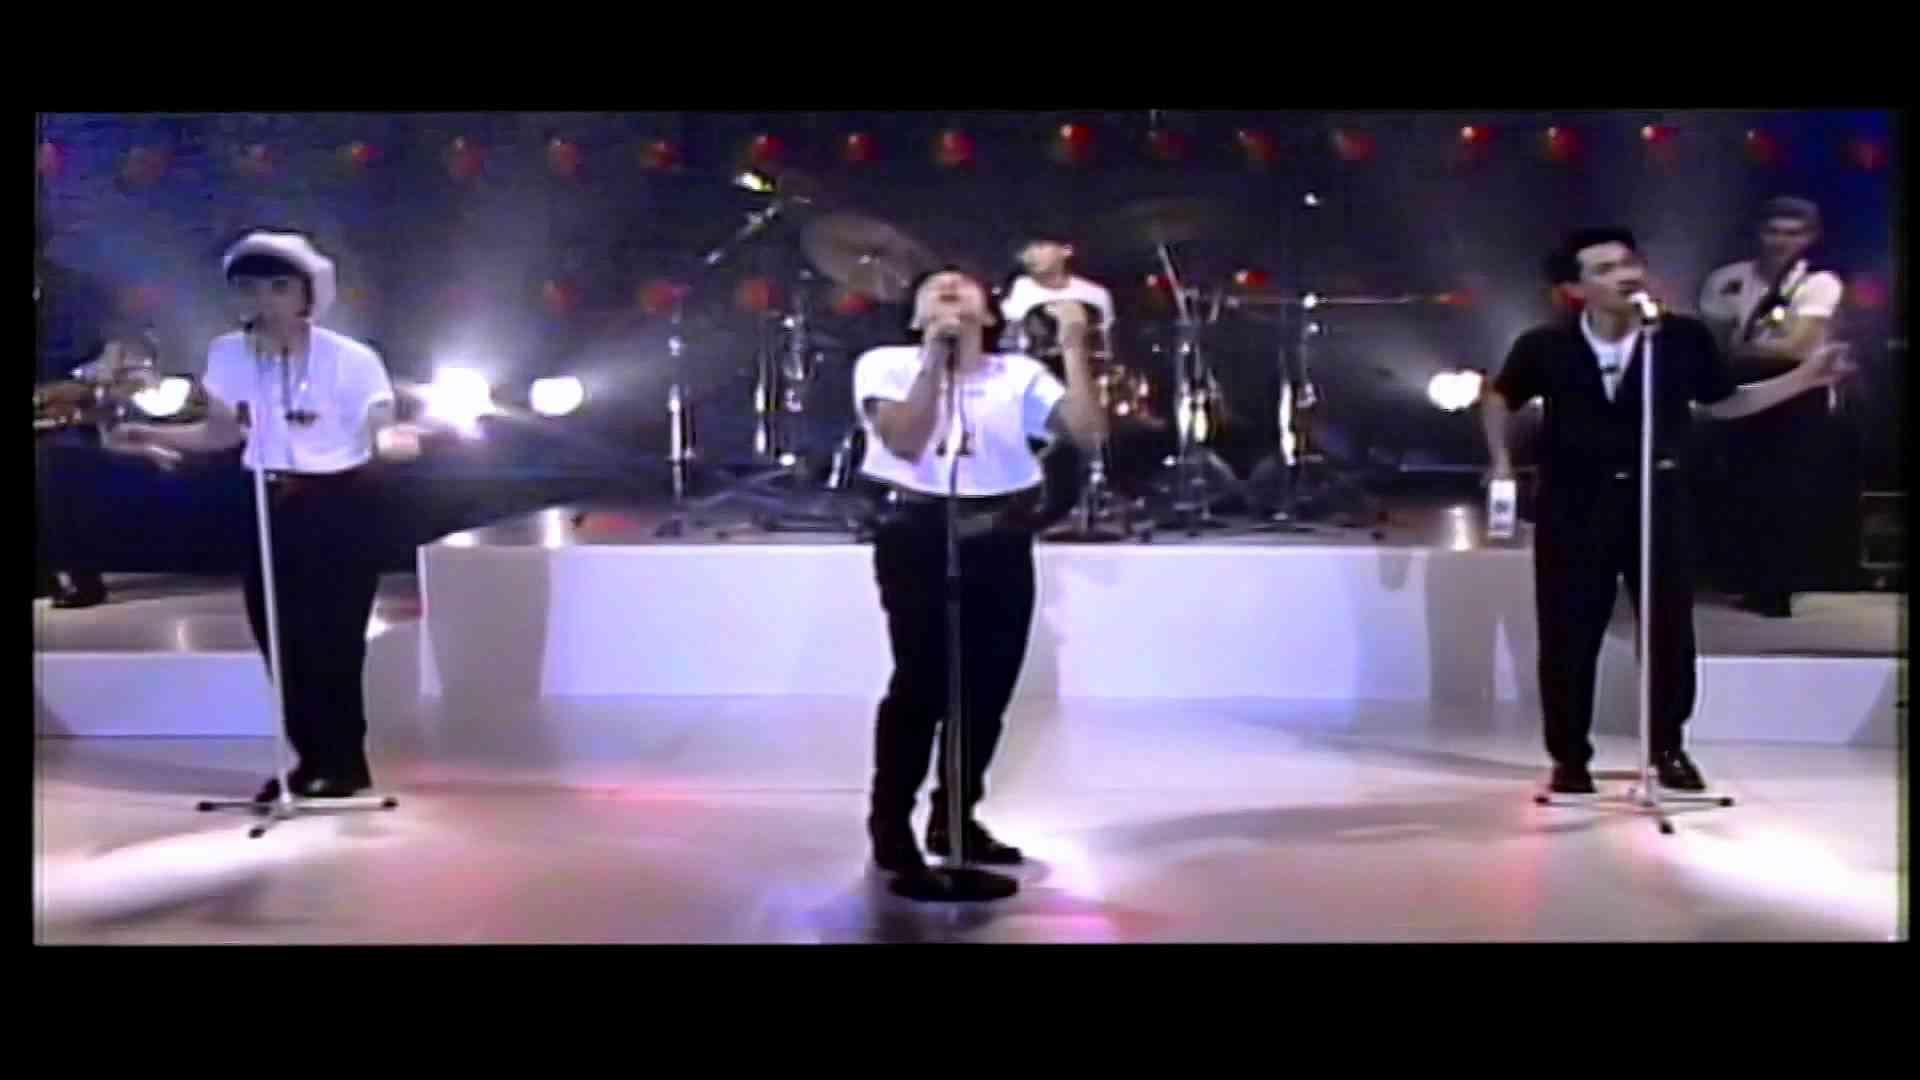 チェッカーズ LIVE「Gipsy Dance」 - YouTube